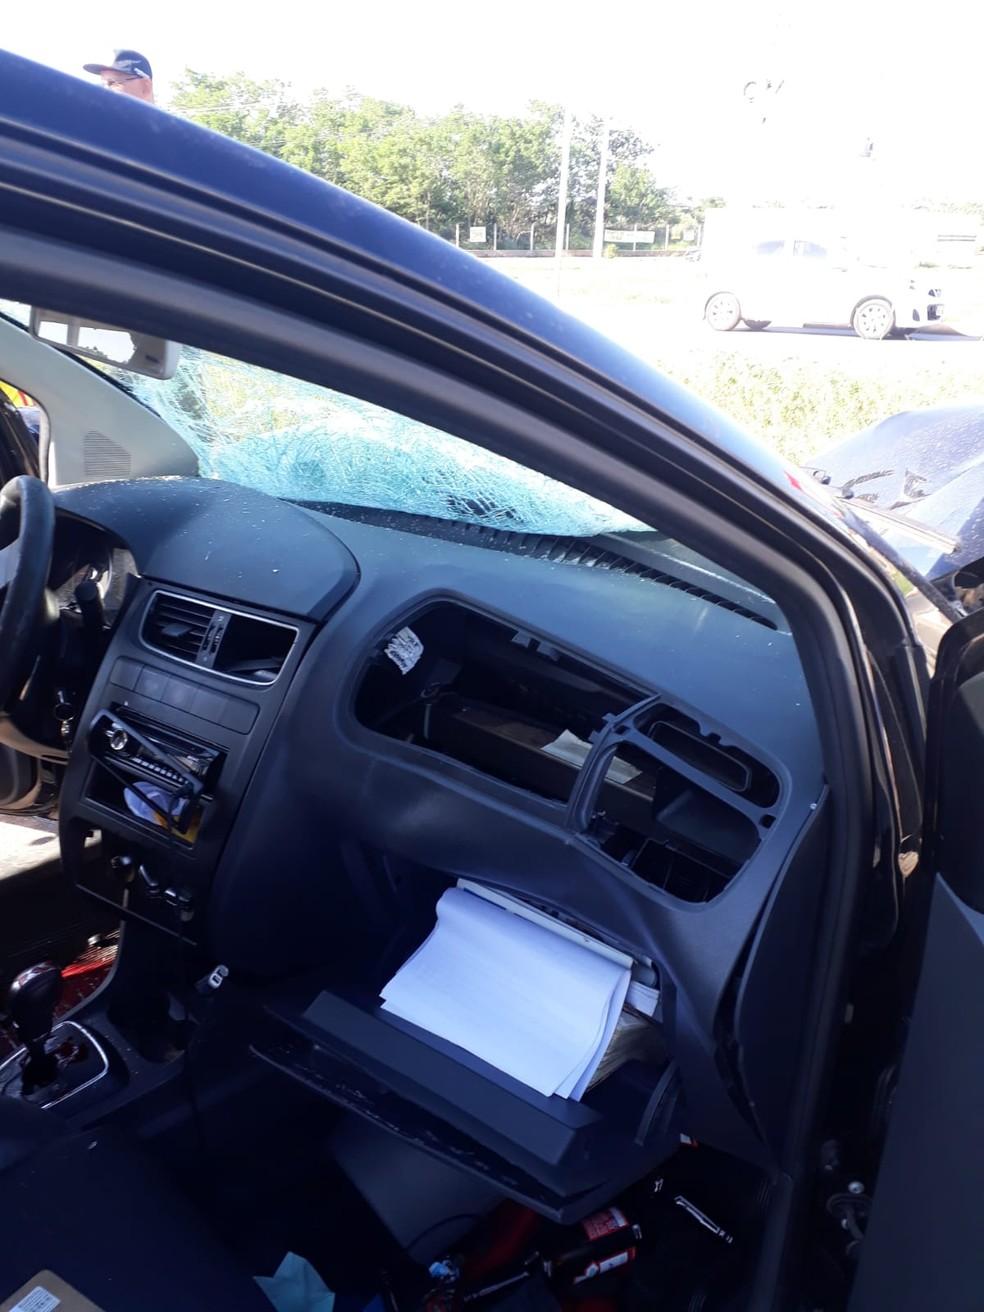 Motorista estava com a CNH e os documentos carro atrasados — Foto: Guarda Municipal/Divulgação